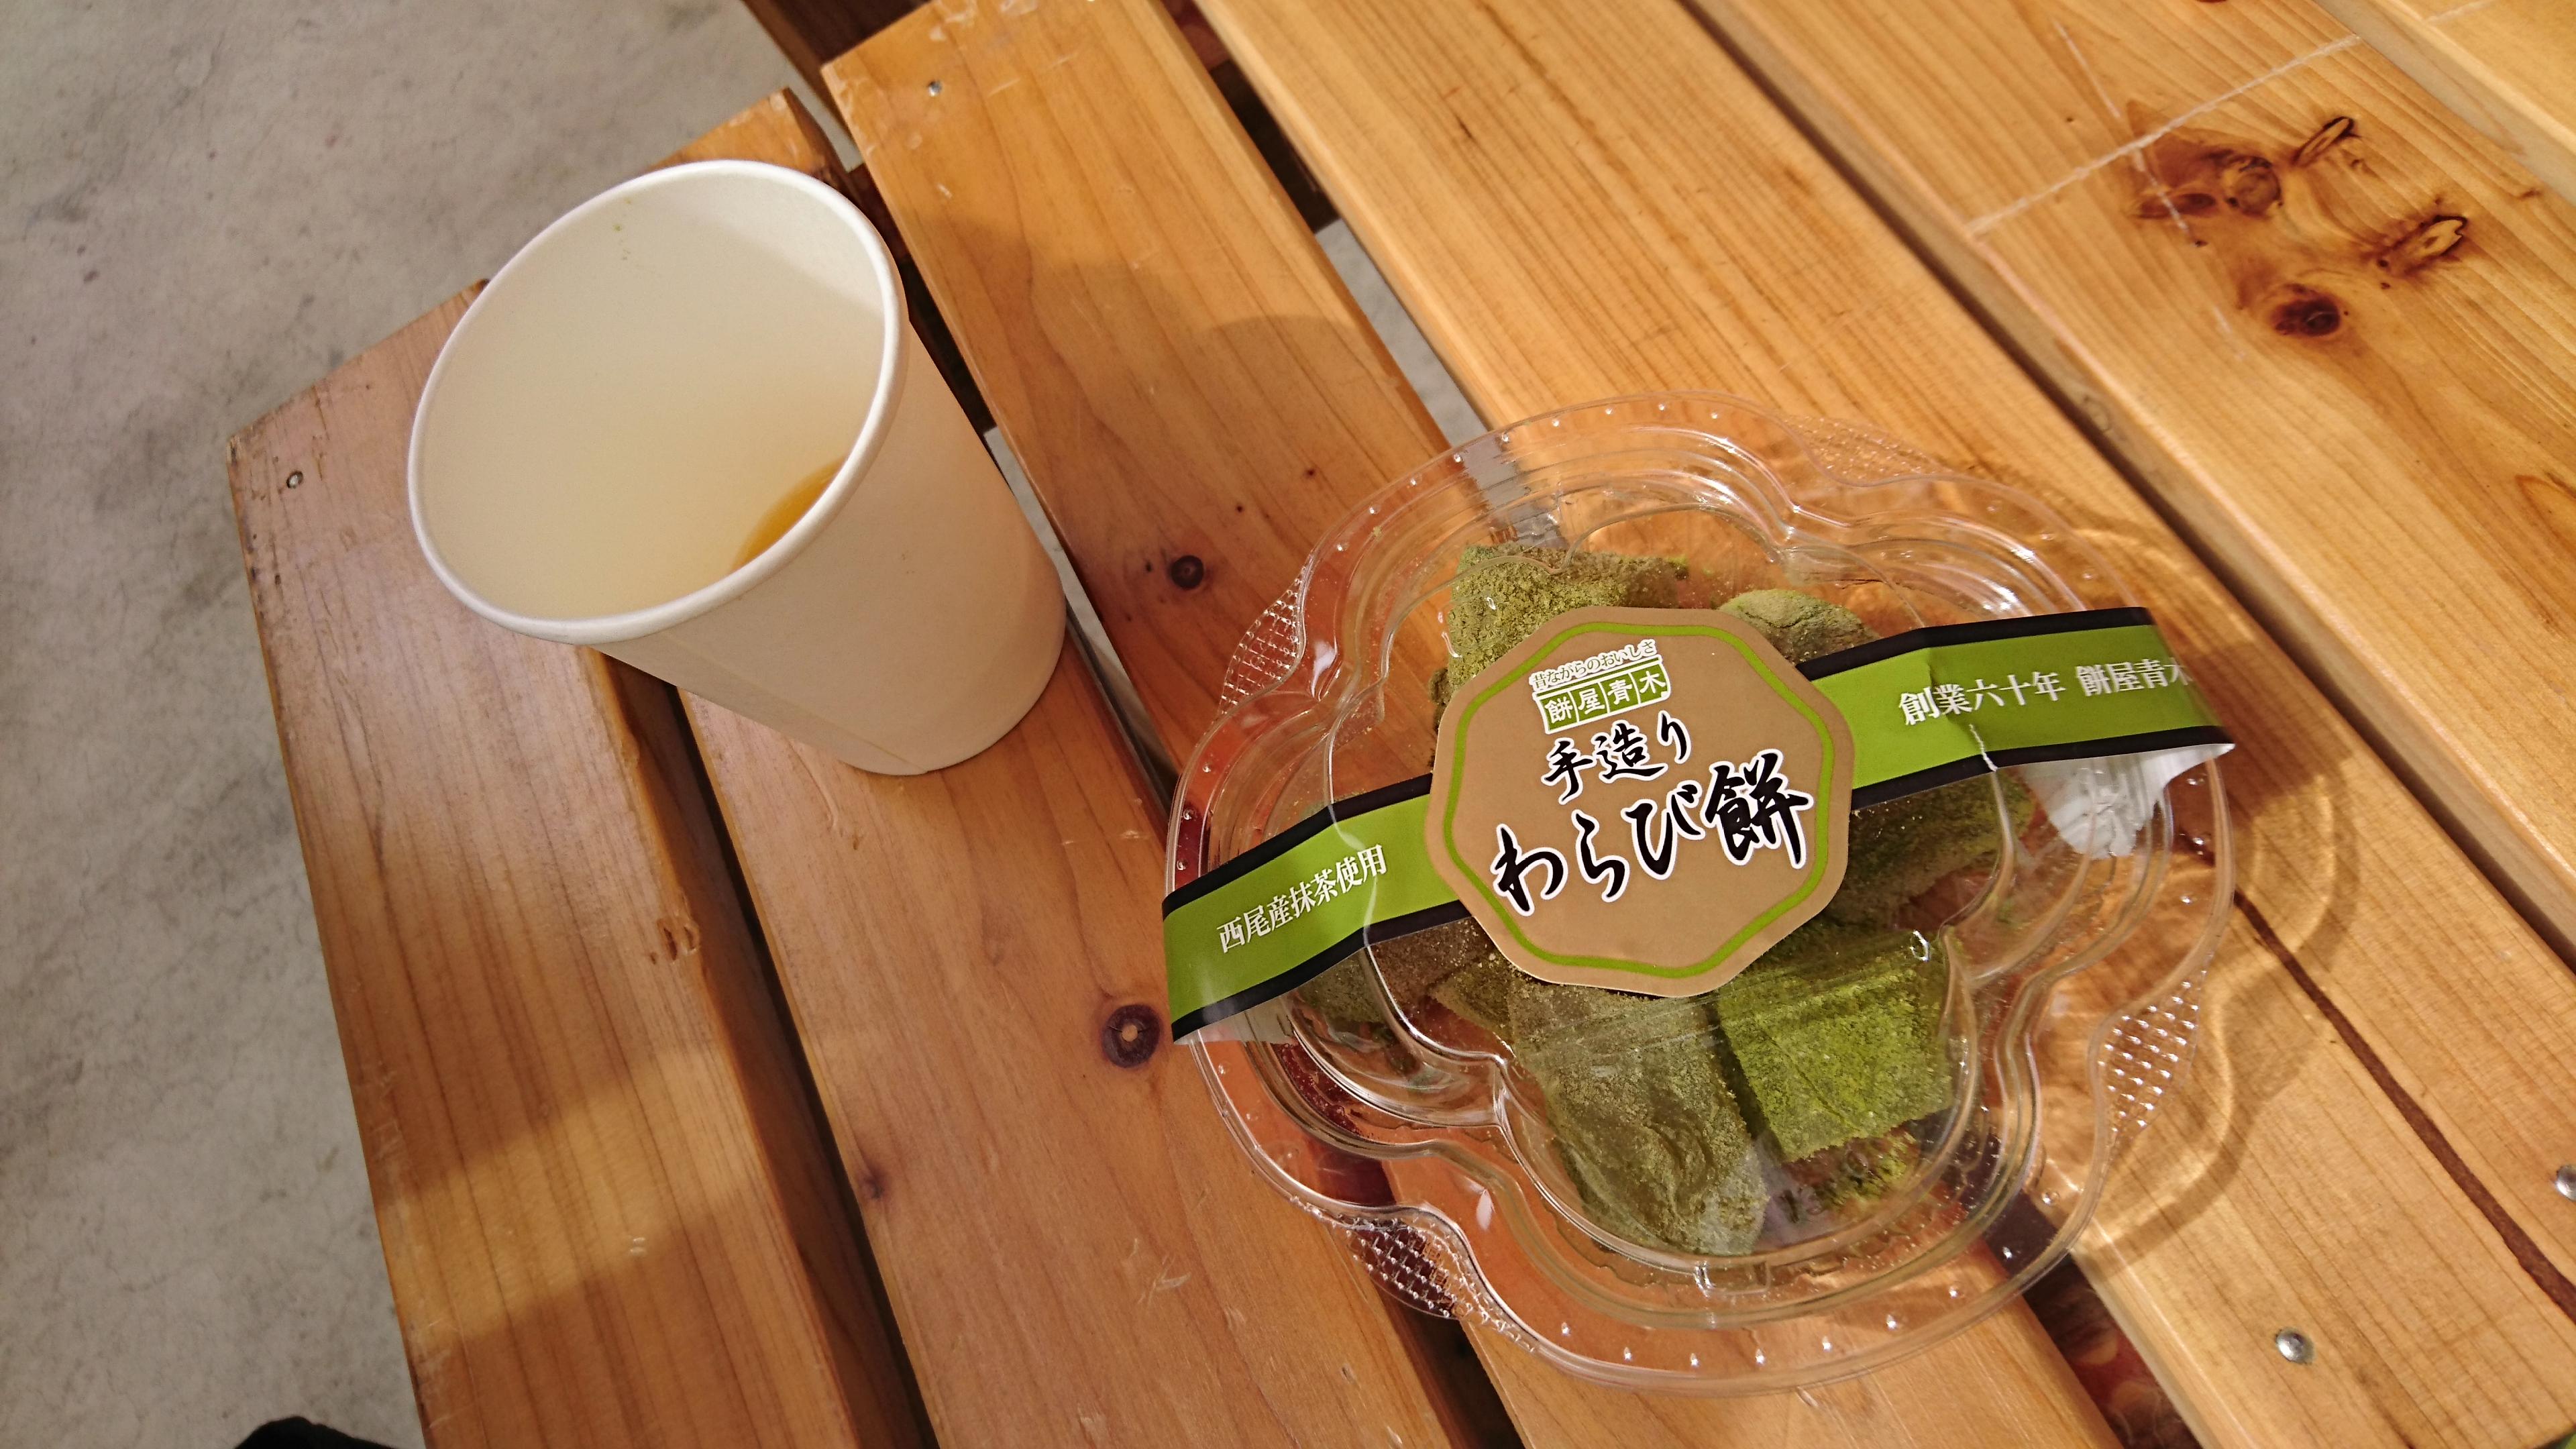 お餅屋さんの美味しい和菓子(その2)